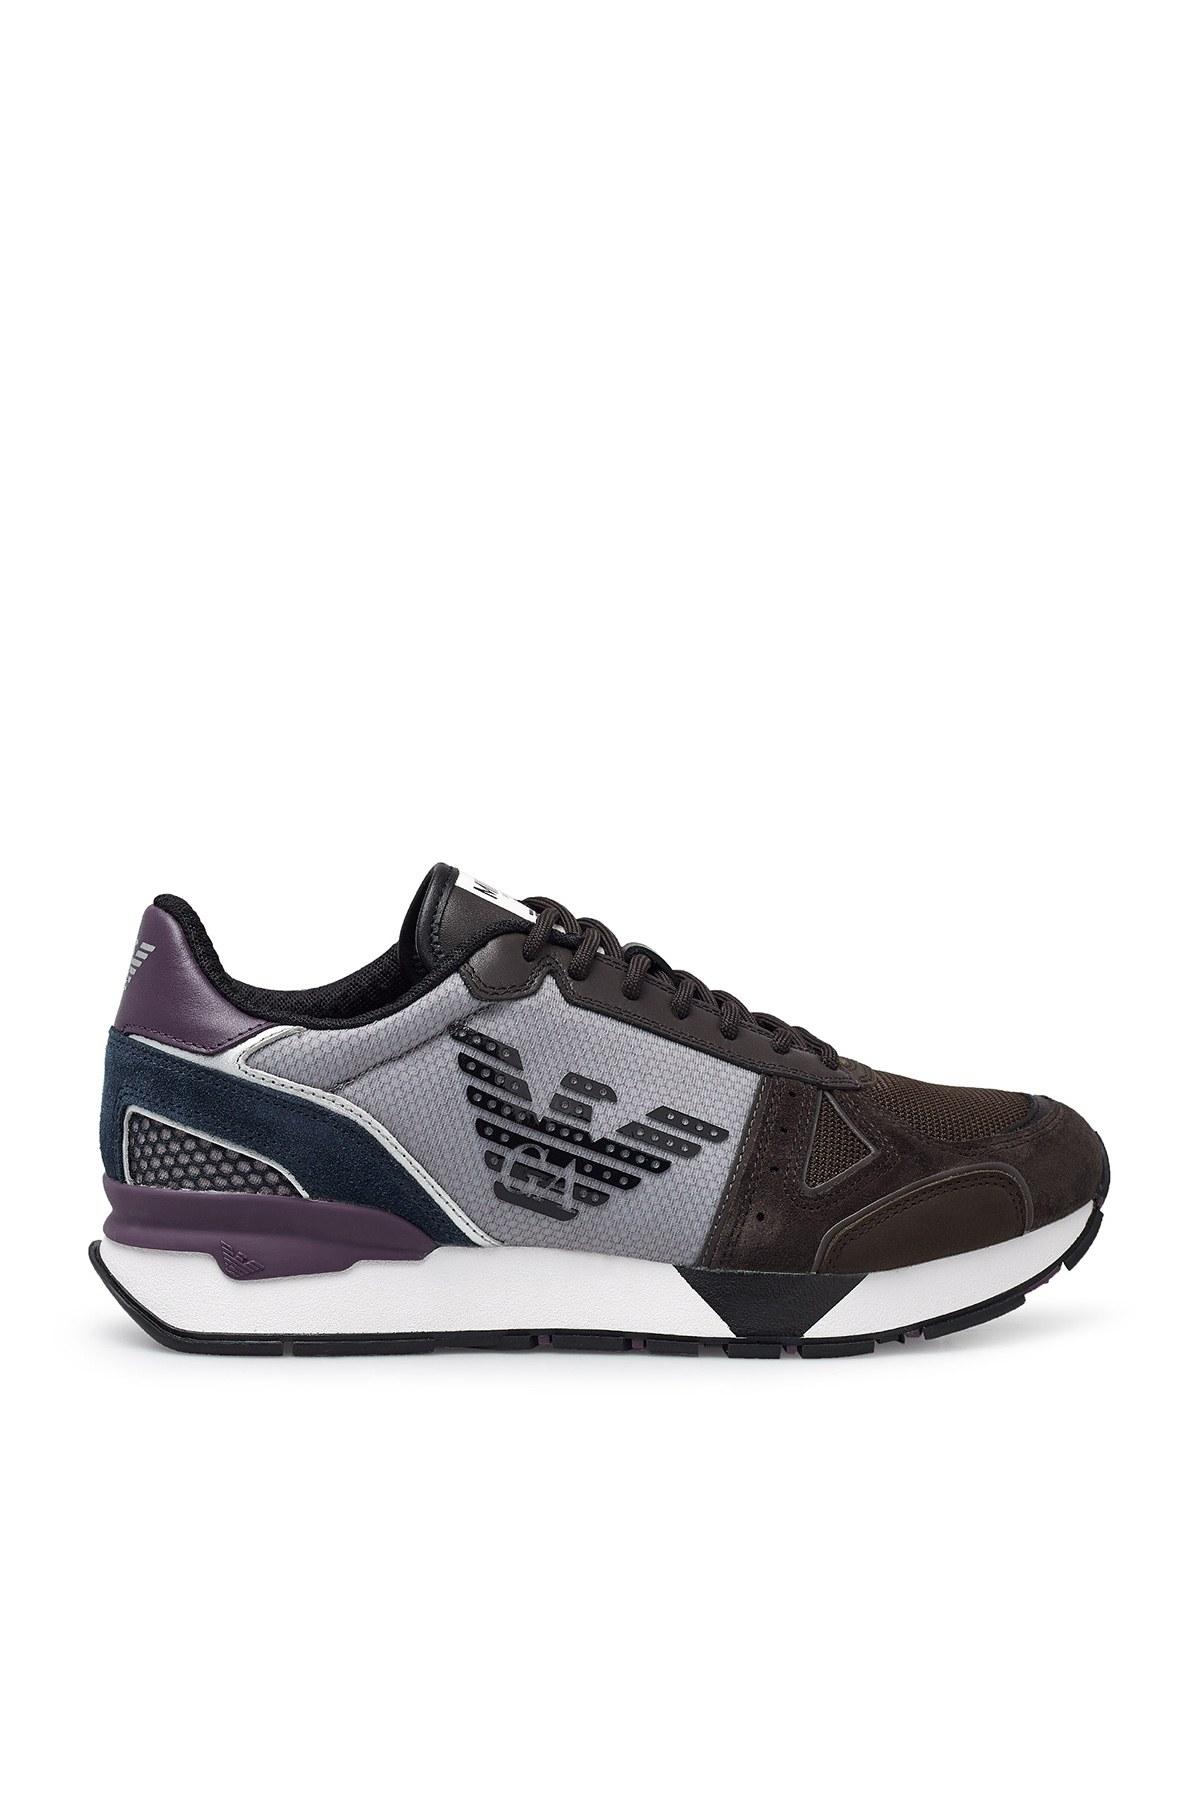 Emporio Armani Sneaker Erkek Ayakkabı X4X289 XM499 N022 KAHVE-GRİ